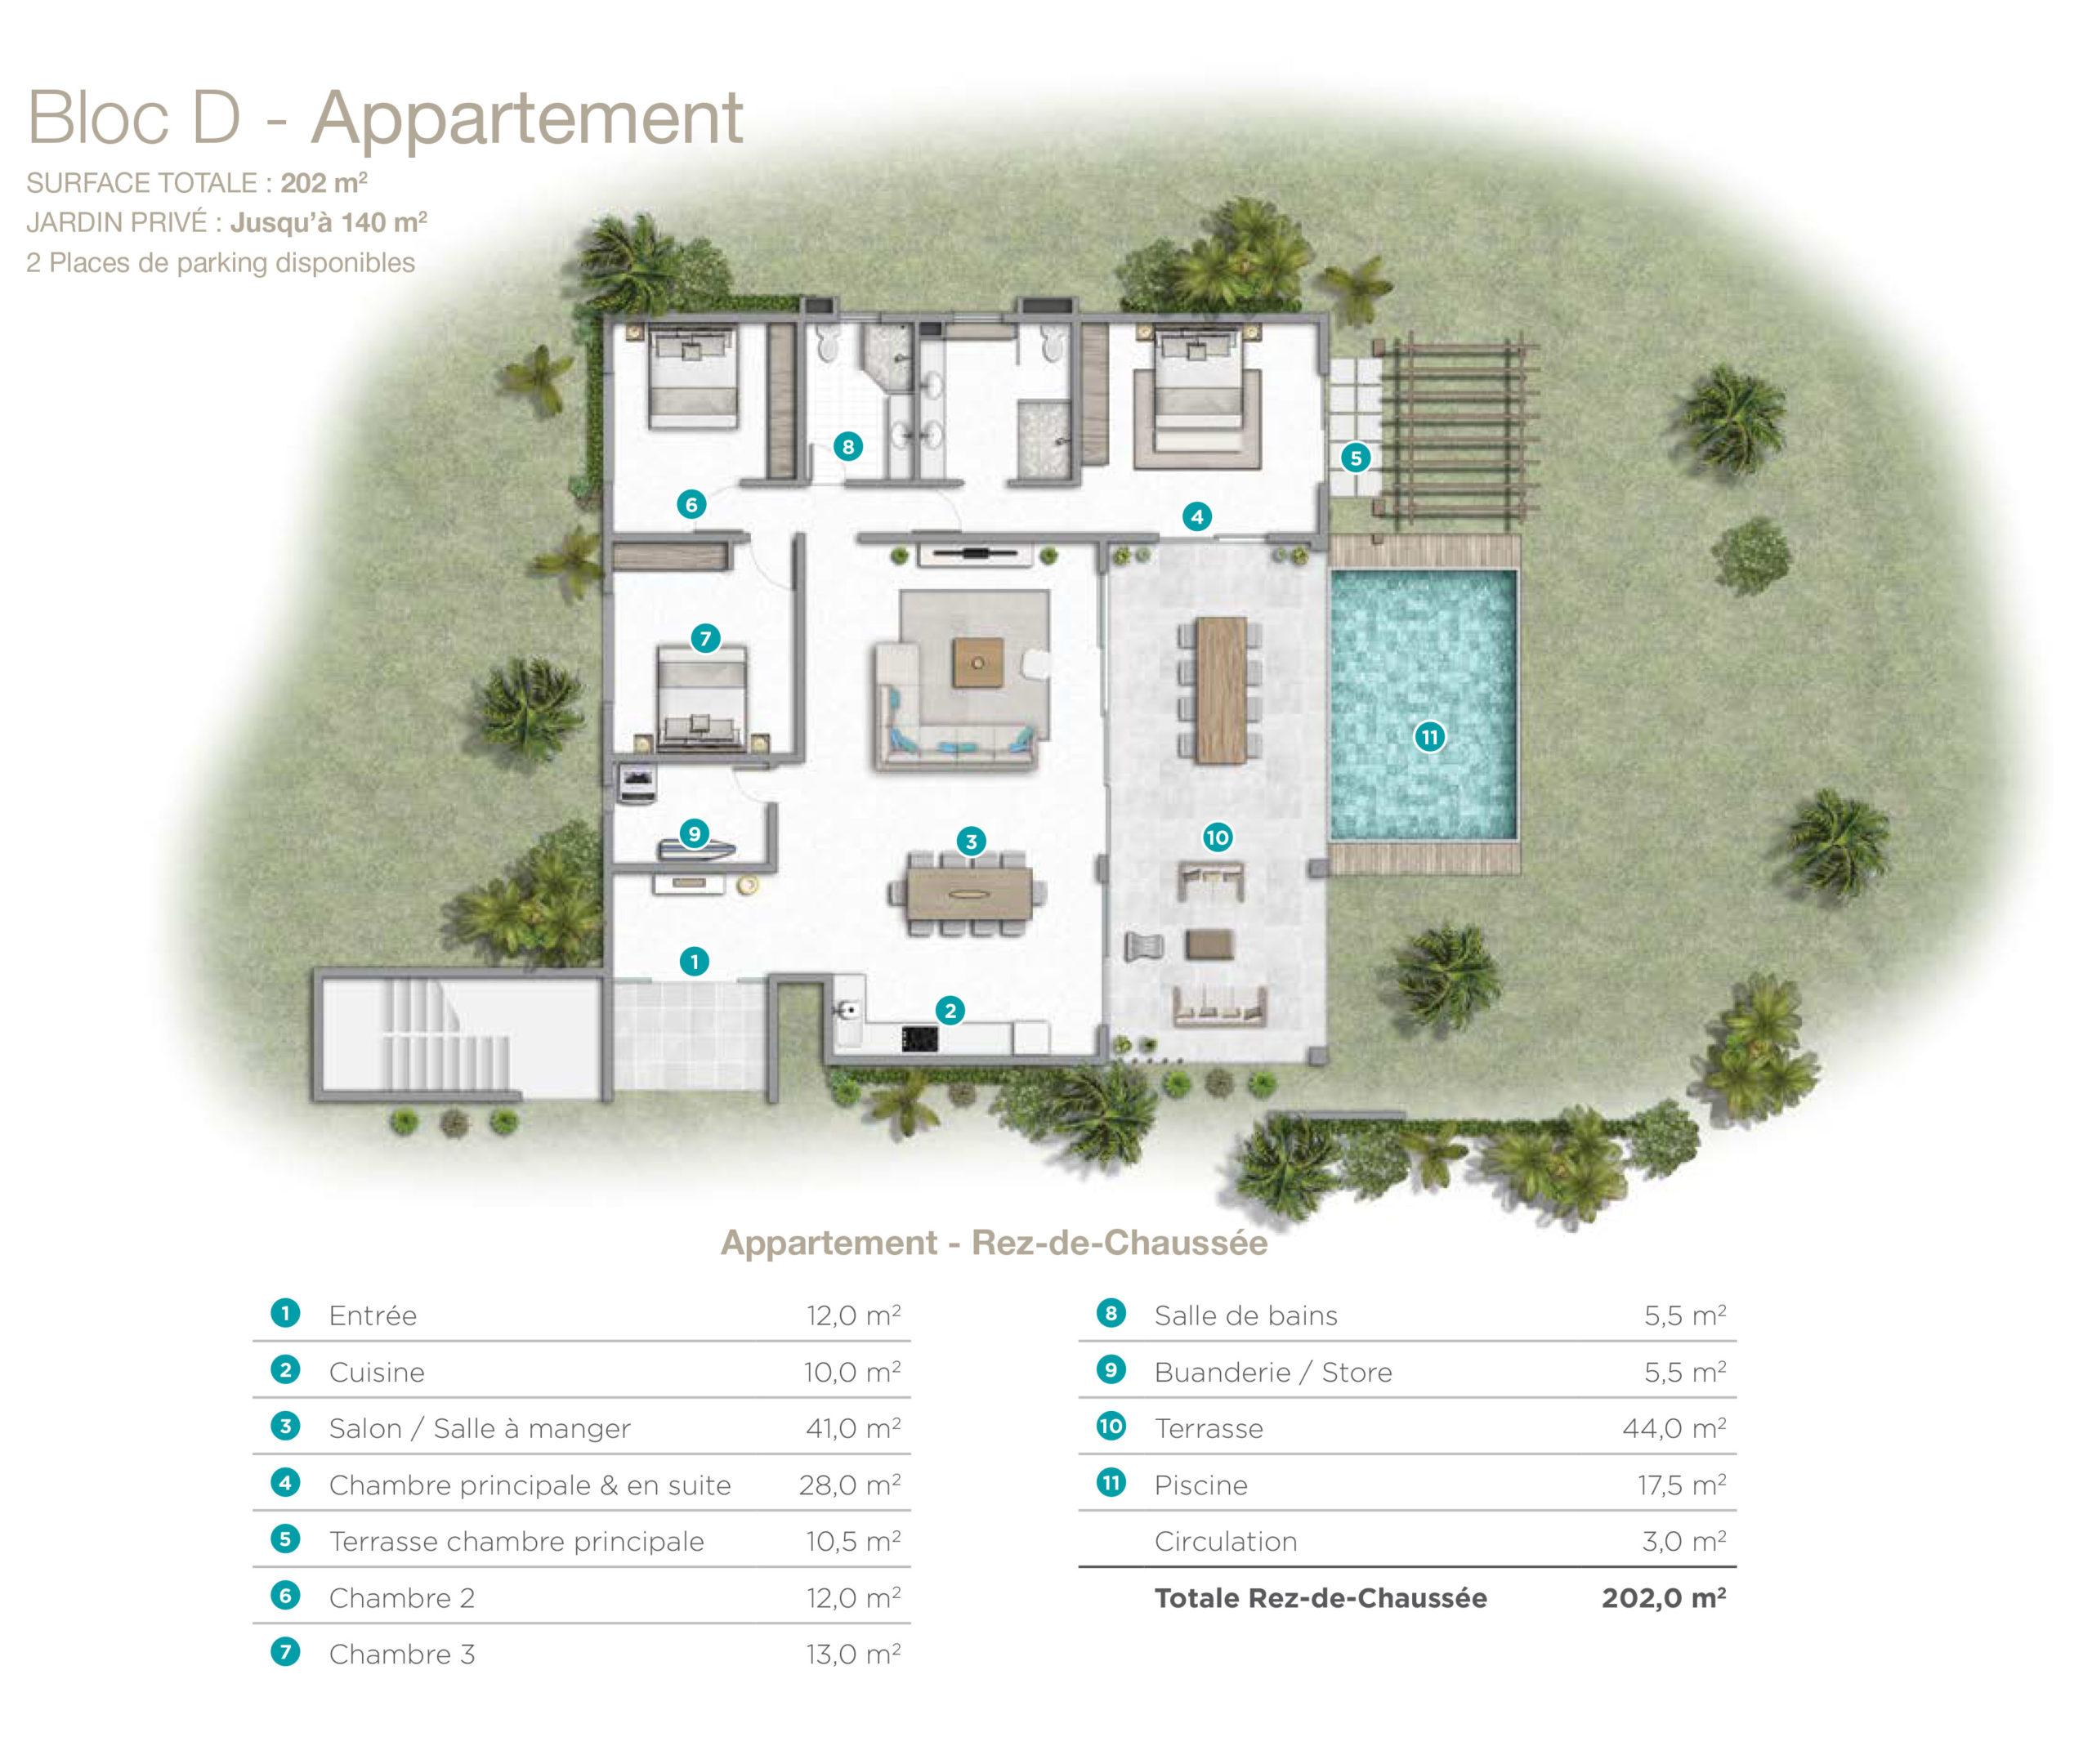 Exceptionnel Appartement de 168m2 en bord de mer | Avantages Fiscaux